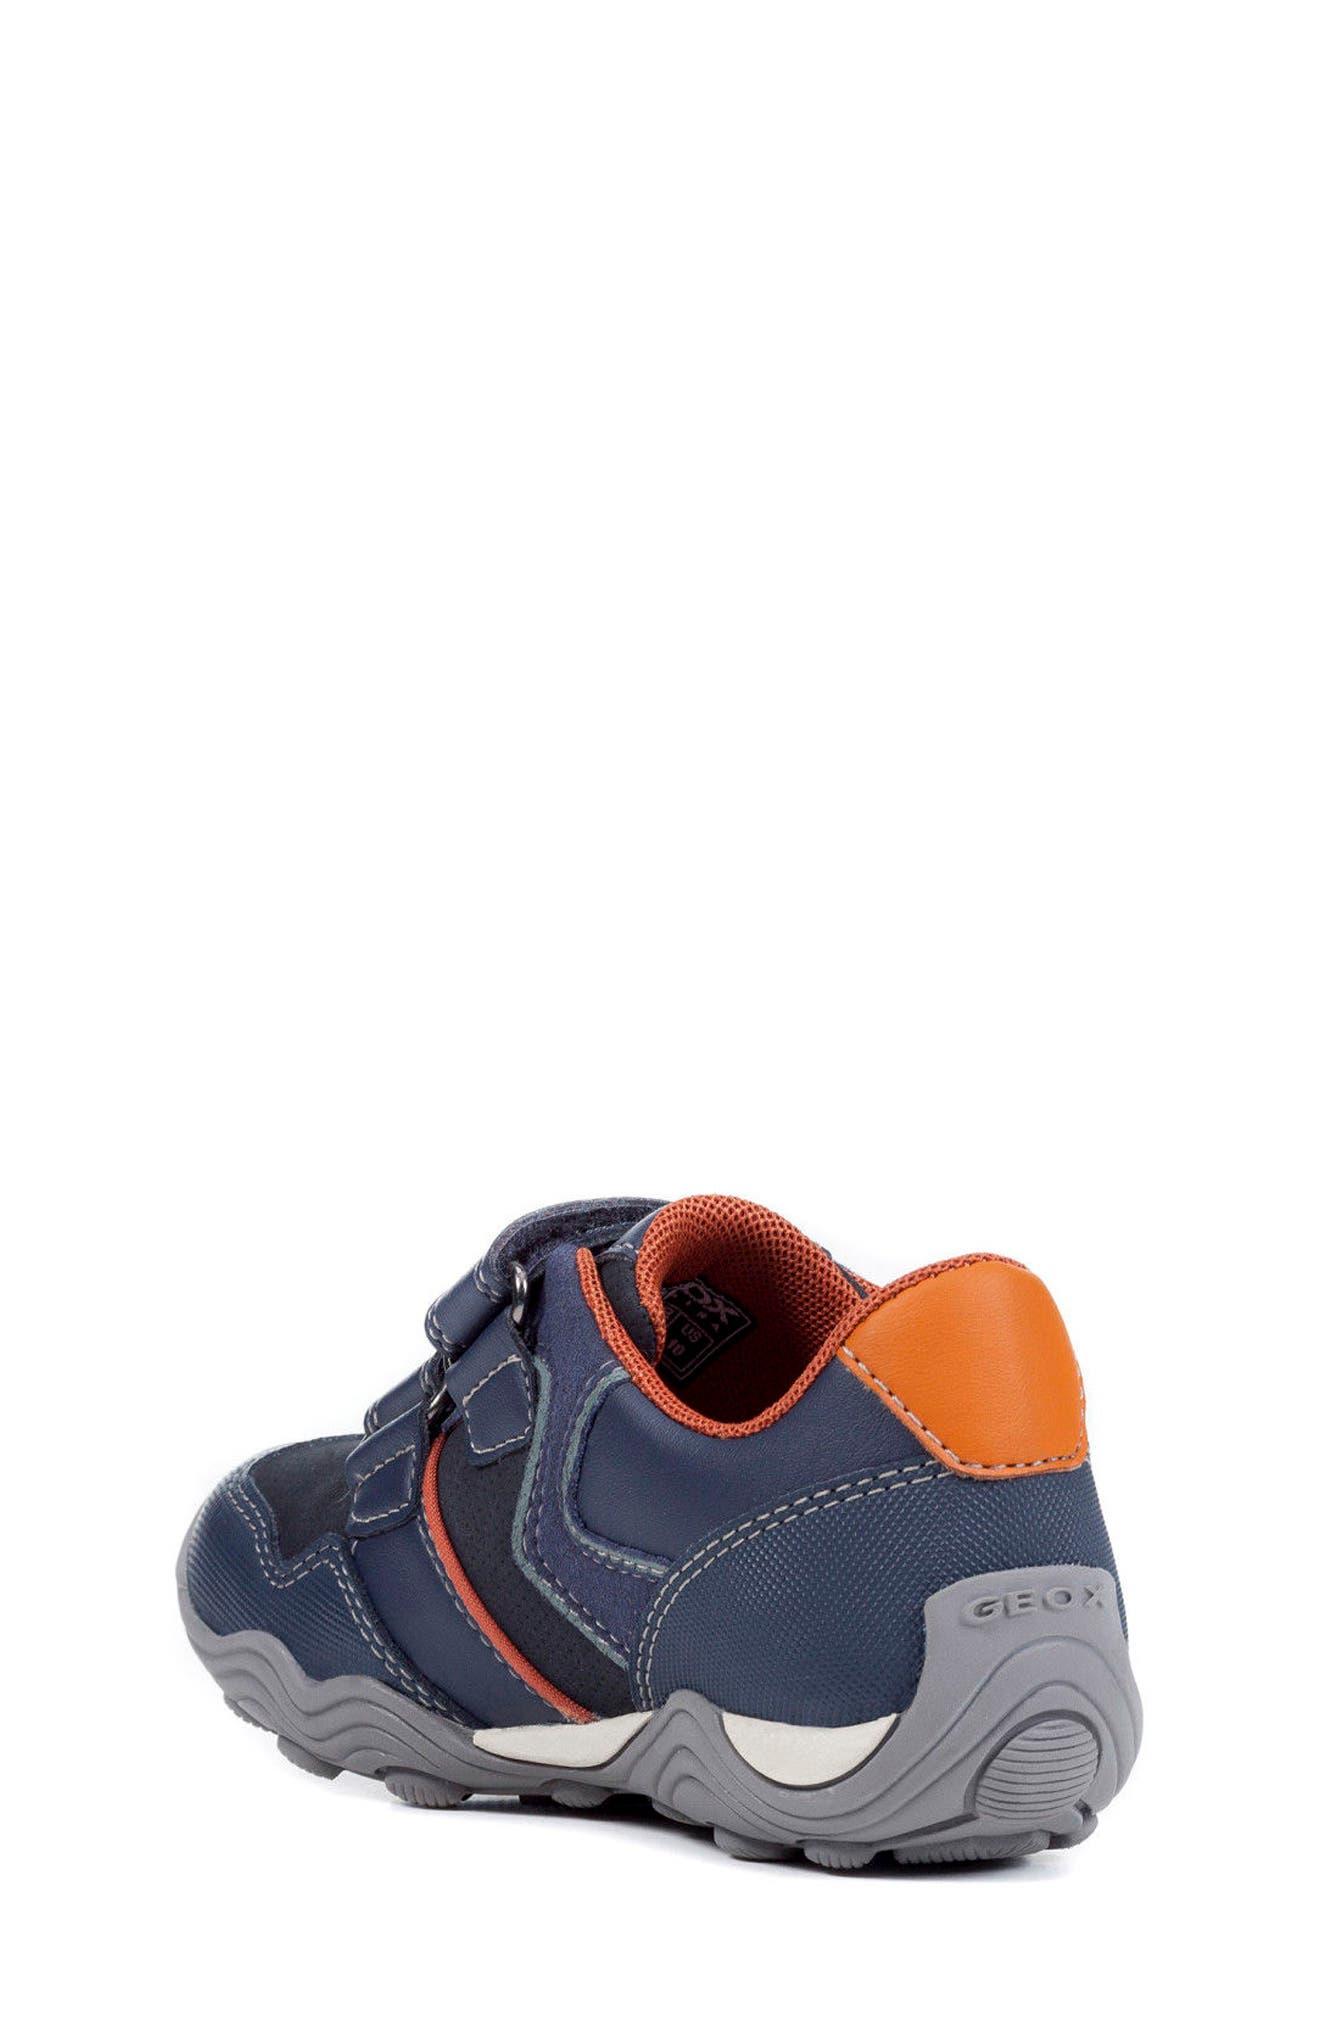 Jr Arno 13 Sneaker,                             Alternate thumbnail 2, color,                             NAVY/ DARK ORANGE